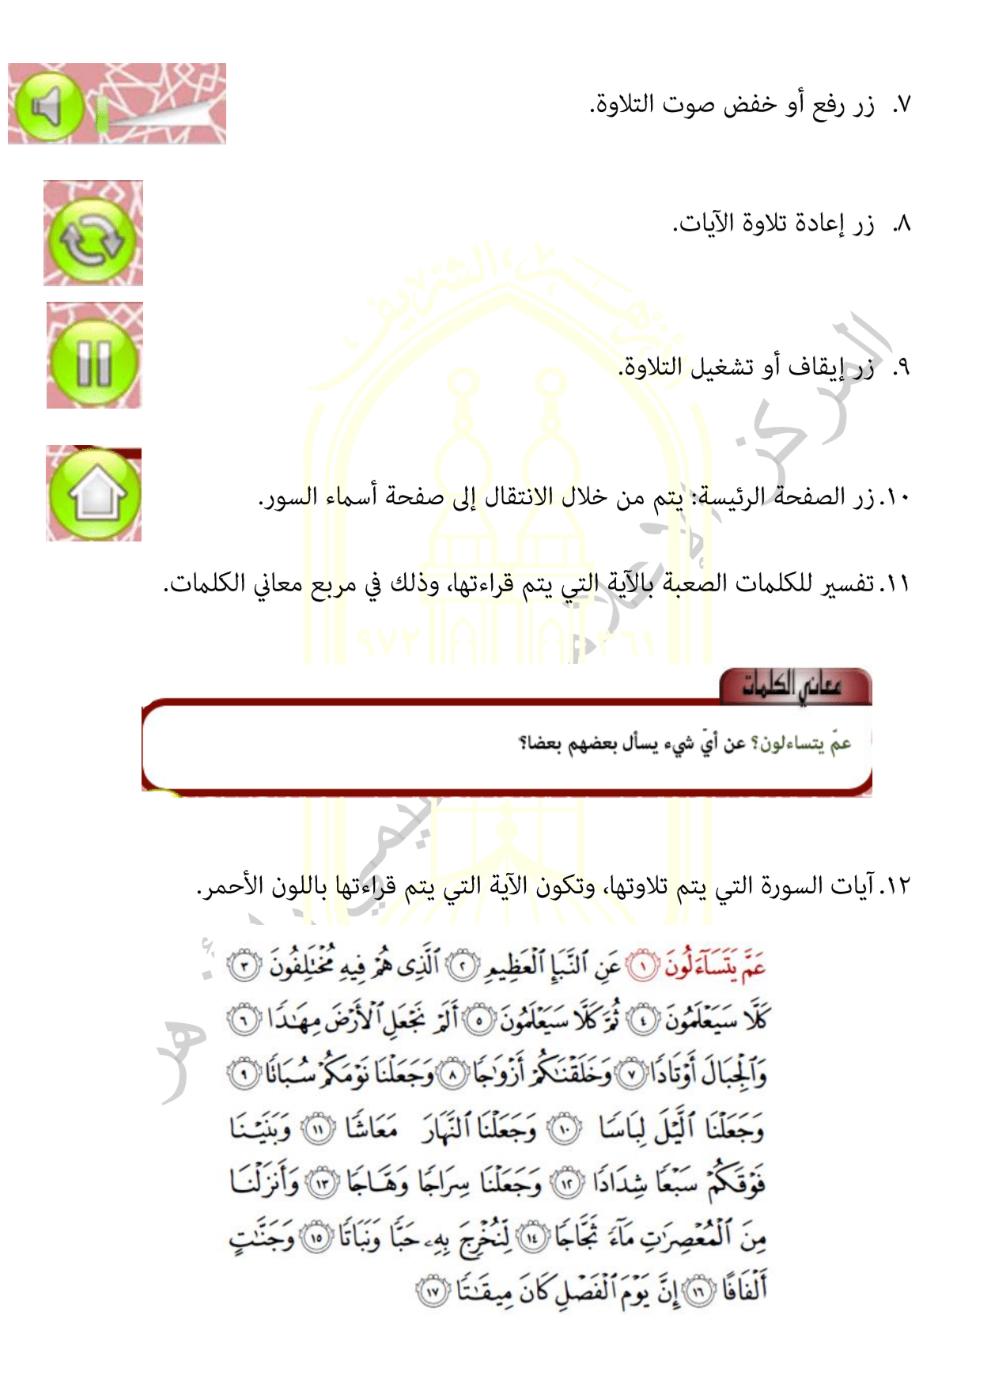 صالازهرالح عباس (4)